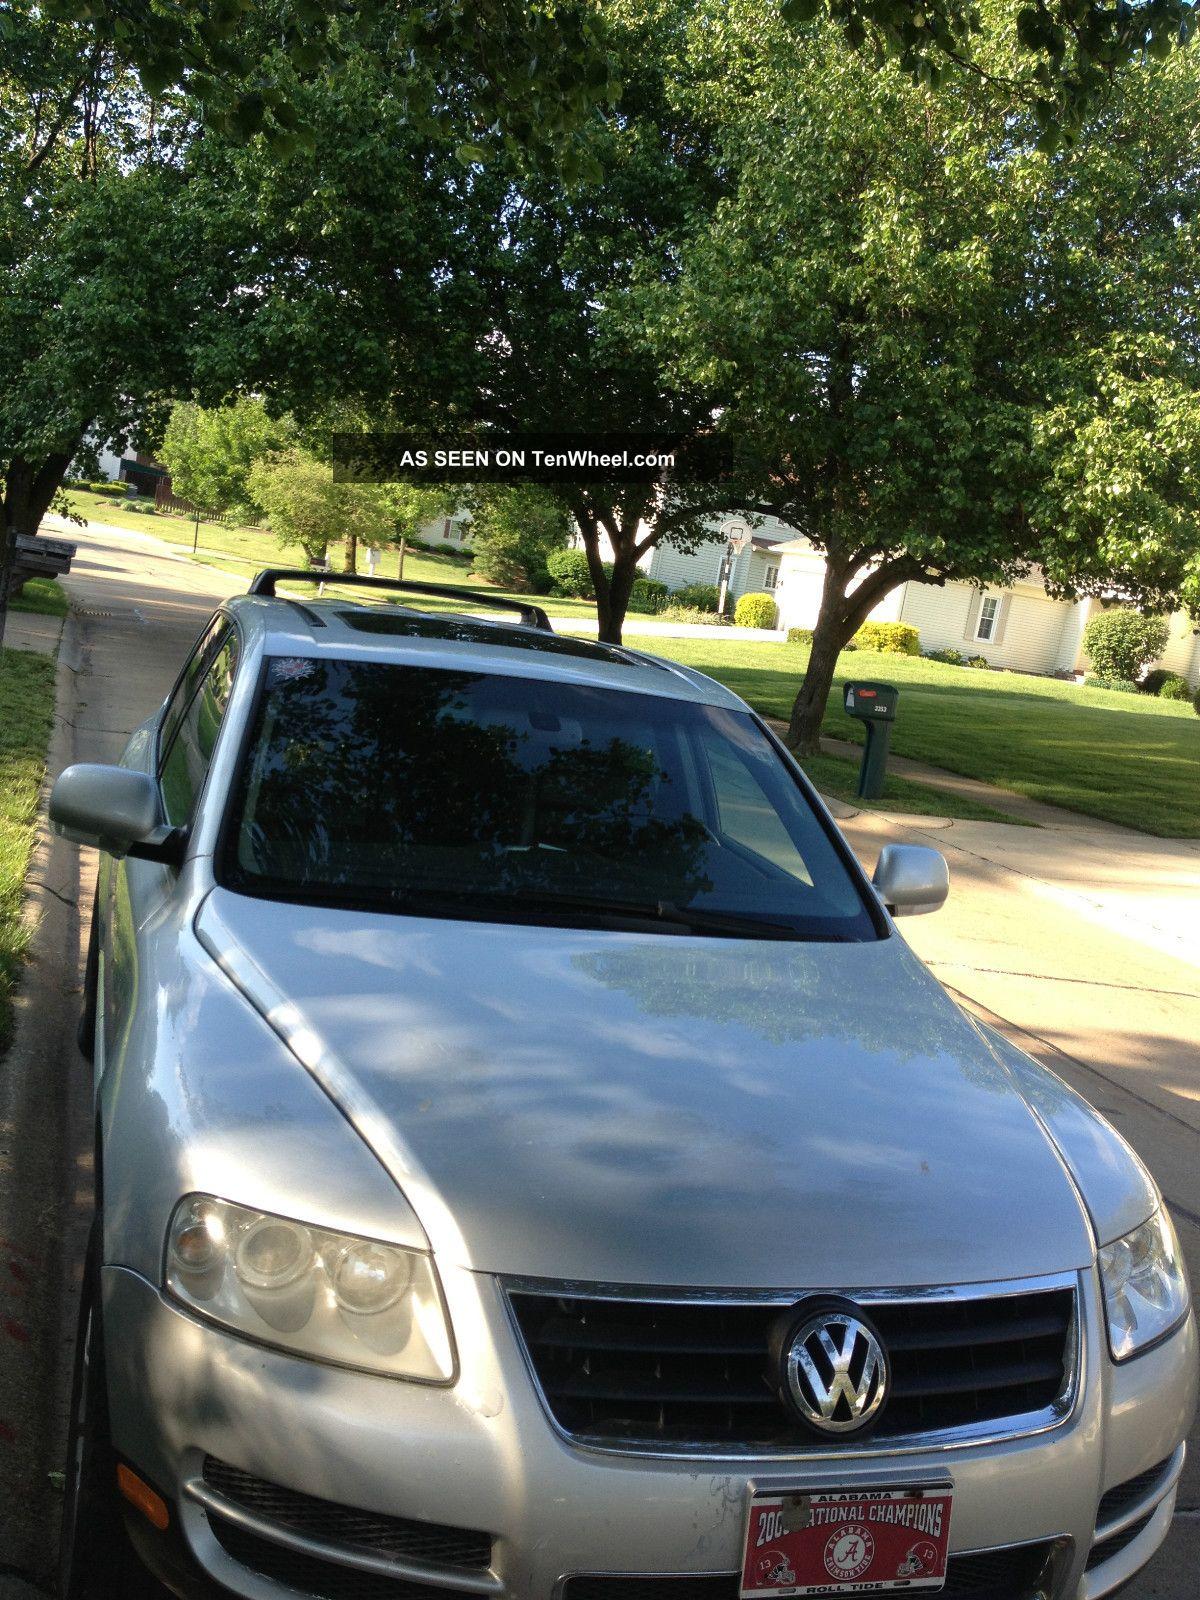 2004 Vw Volkswagen Touareg Awd V8 Touareg photo